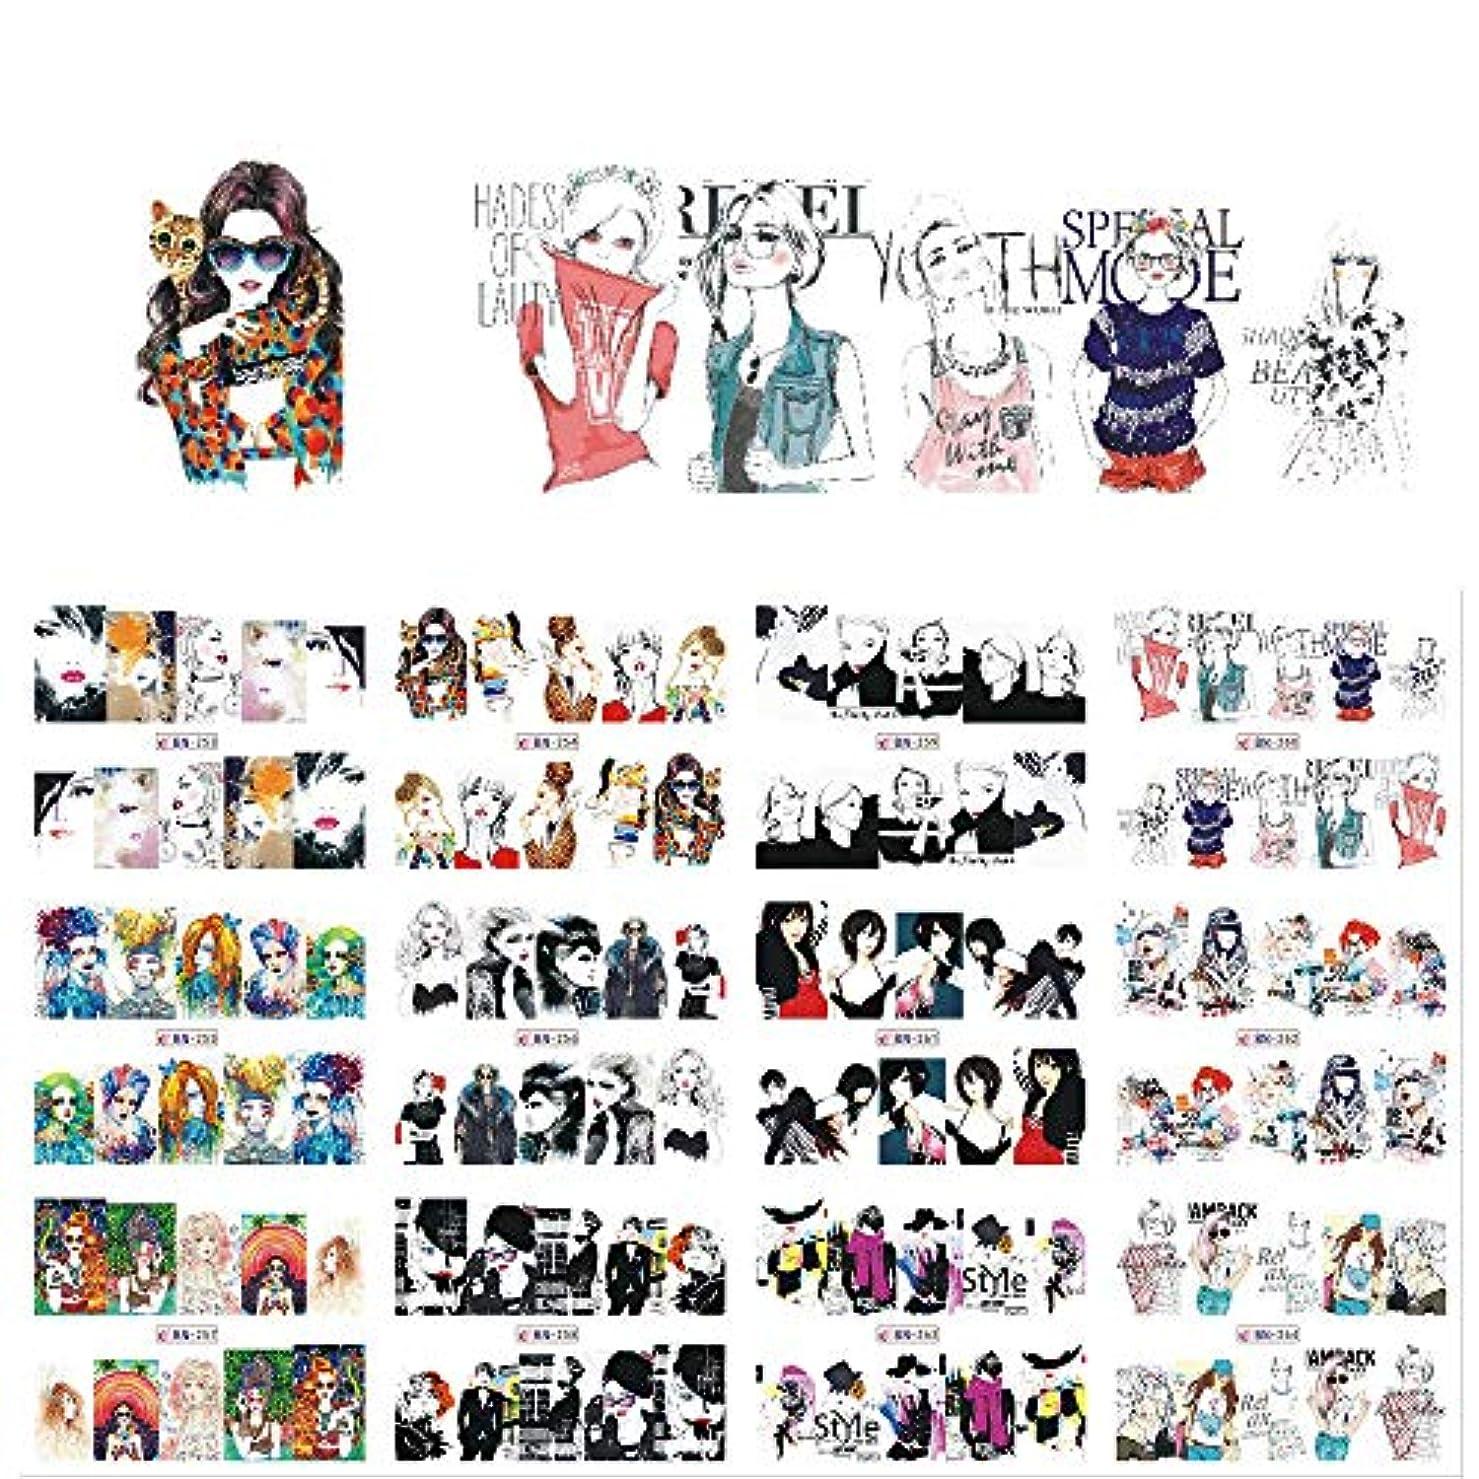 セーブ成長する証明書SUKTI&XIAO ネイルステッカー 12枚のセクシーな漫画の女性のネイルアートデカールチャーム水転写混合デザインDIYフルステッカーネイルデカール